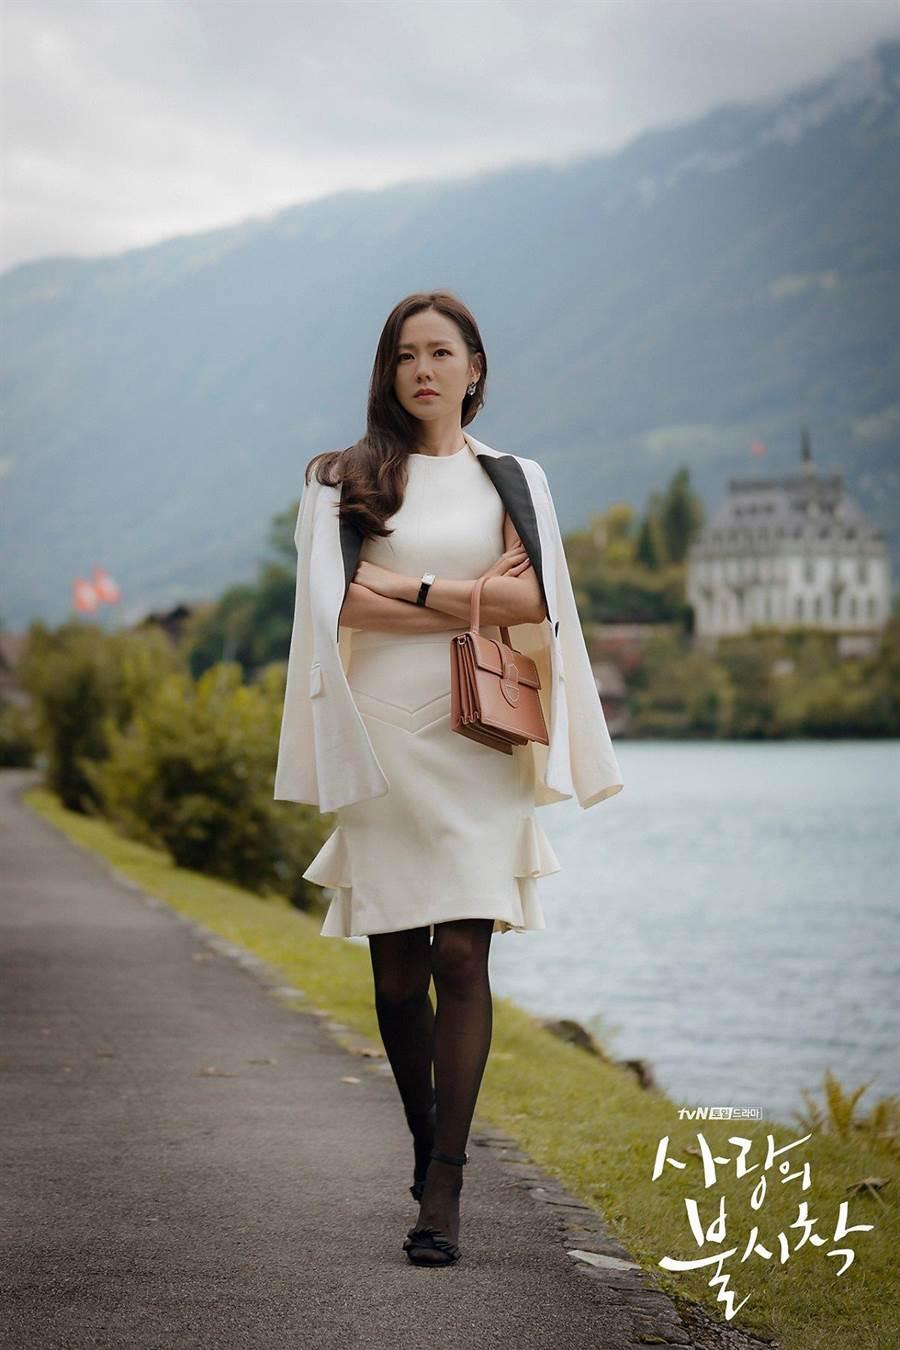 孫藝珍穿LV白色洋裝搭Alaia手提包。(擷自NETFLIX)